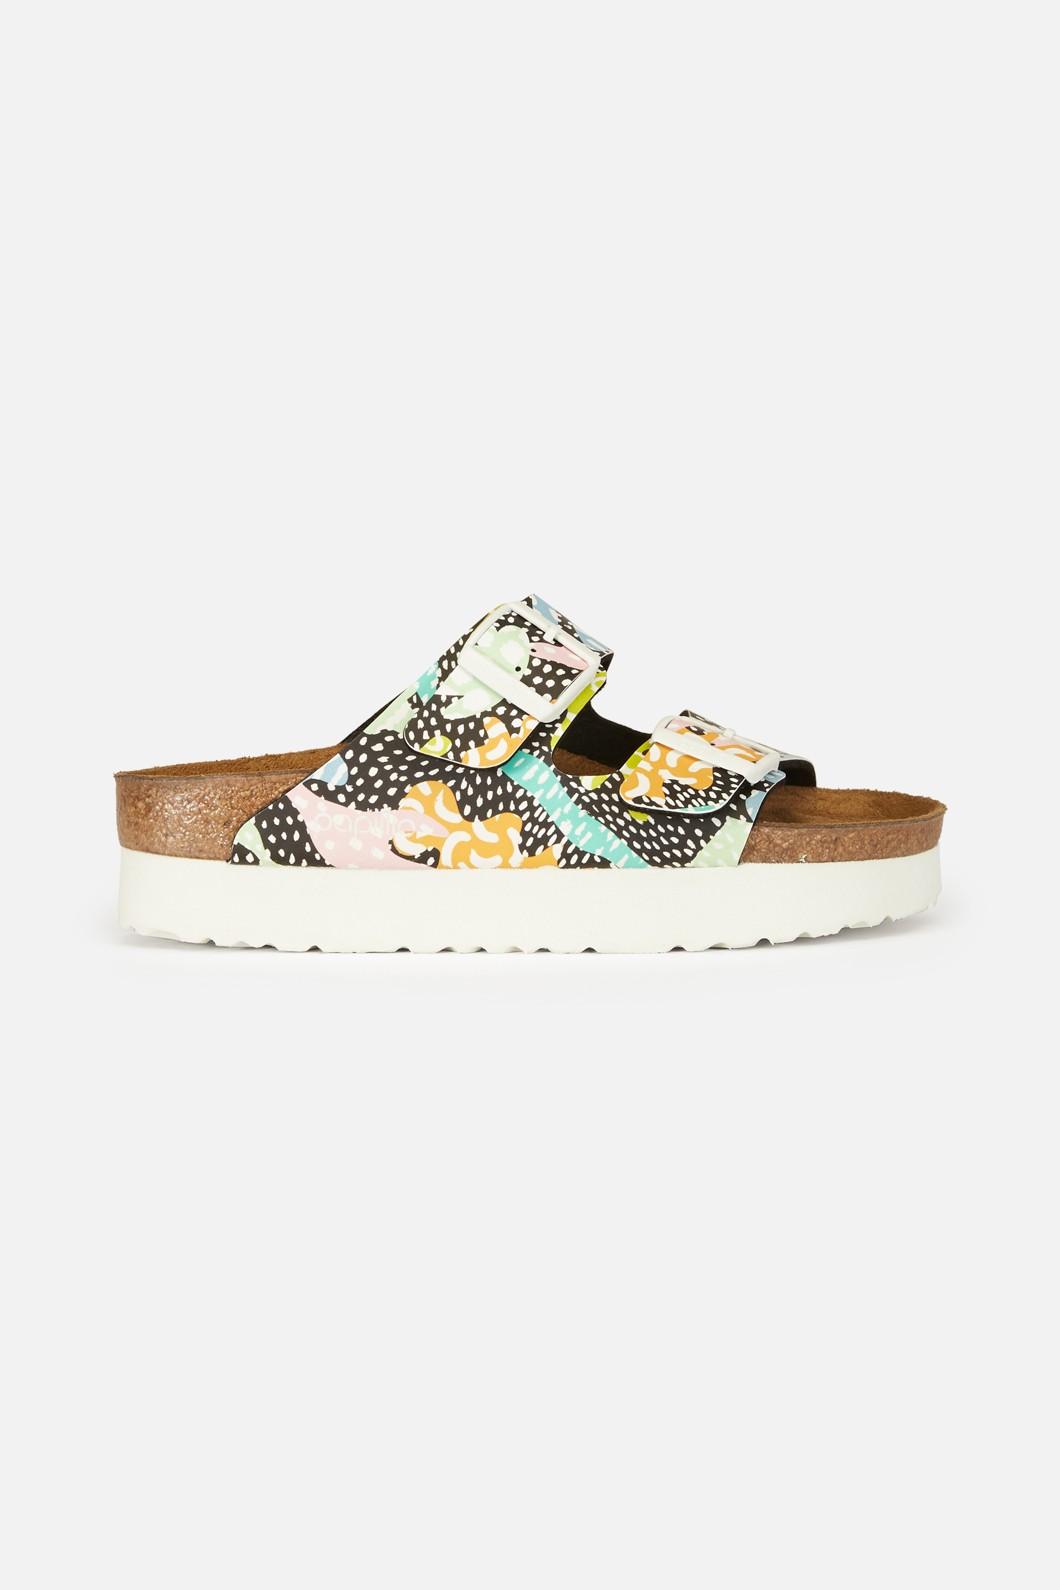 gorman shoes sale